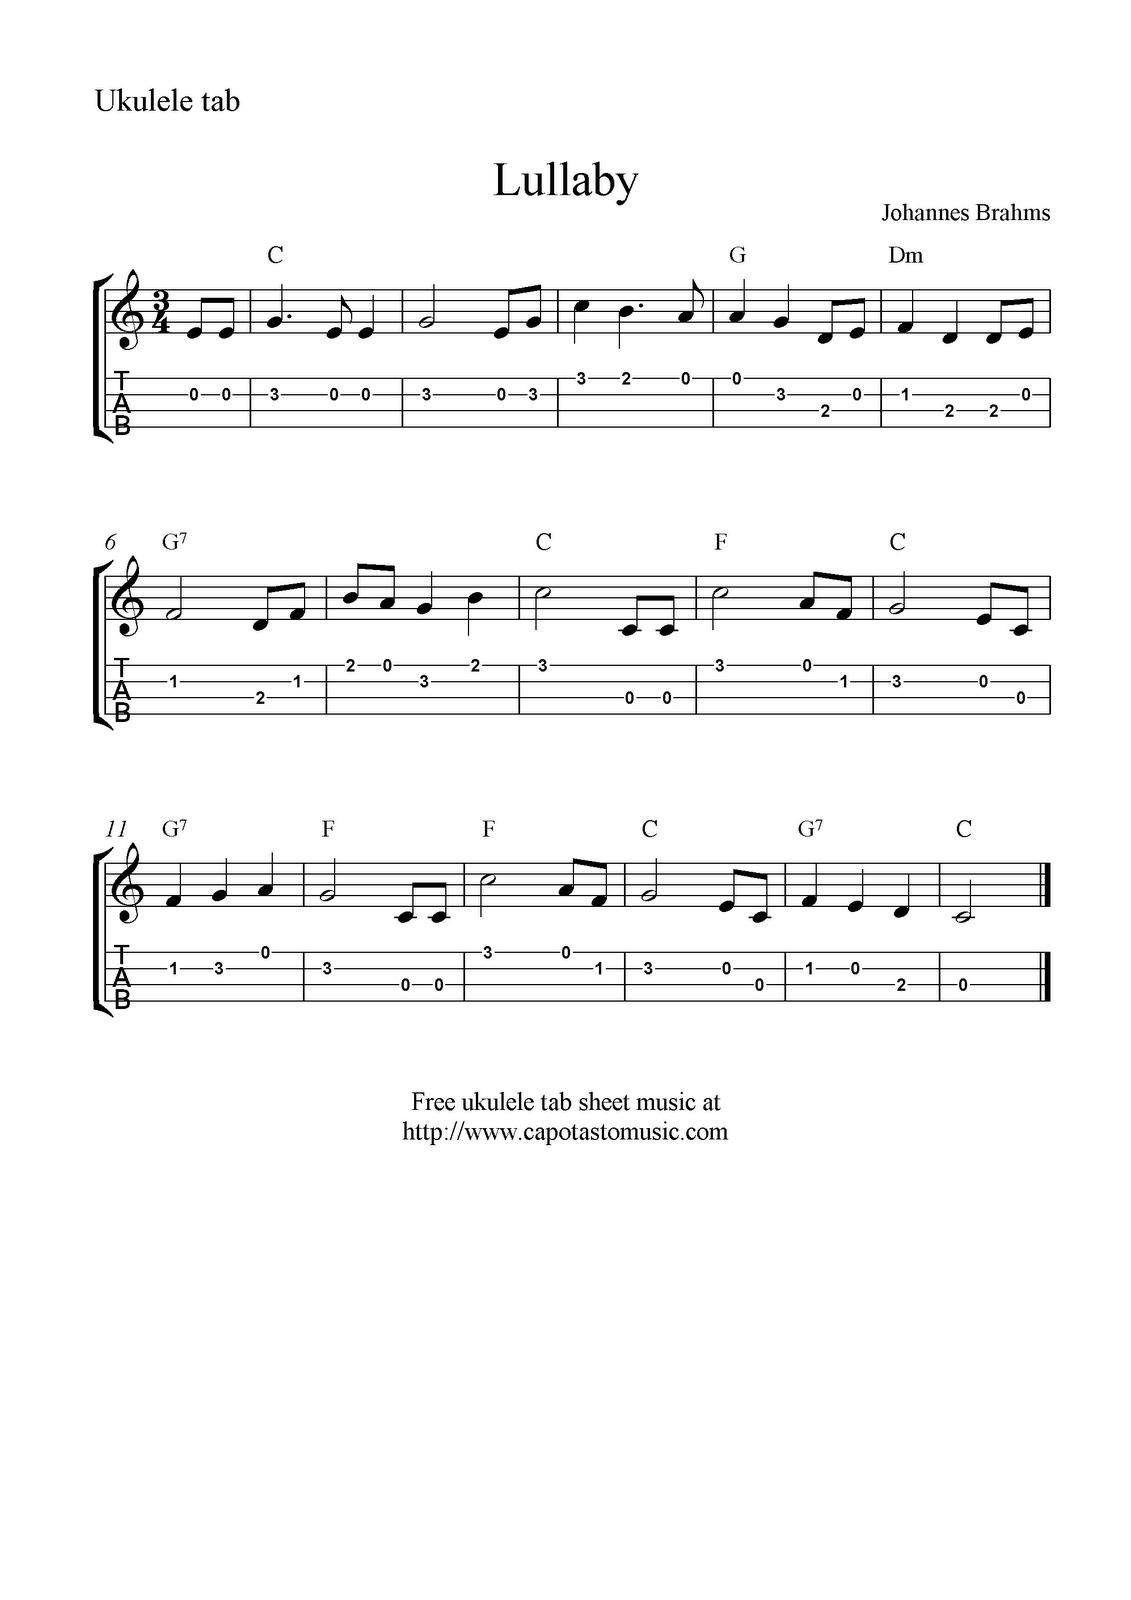 Lullaby by brahms ukulele sheet music free printable lullaby by brahms ukulele sheet music free printable hexwebz Gallery